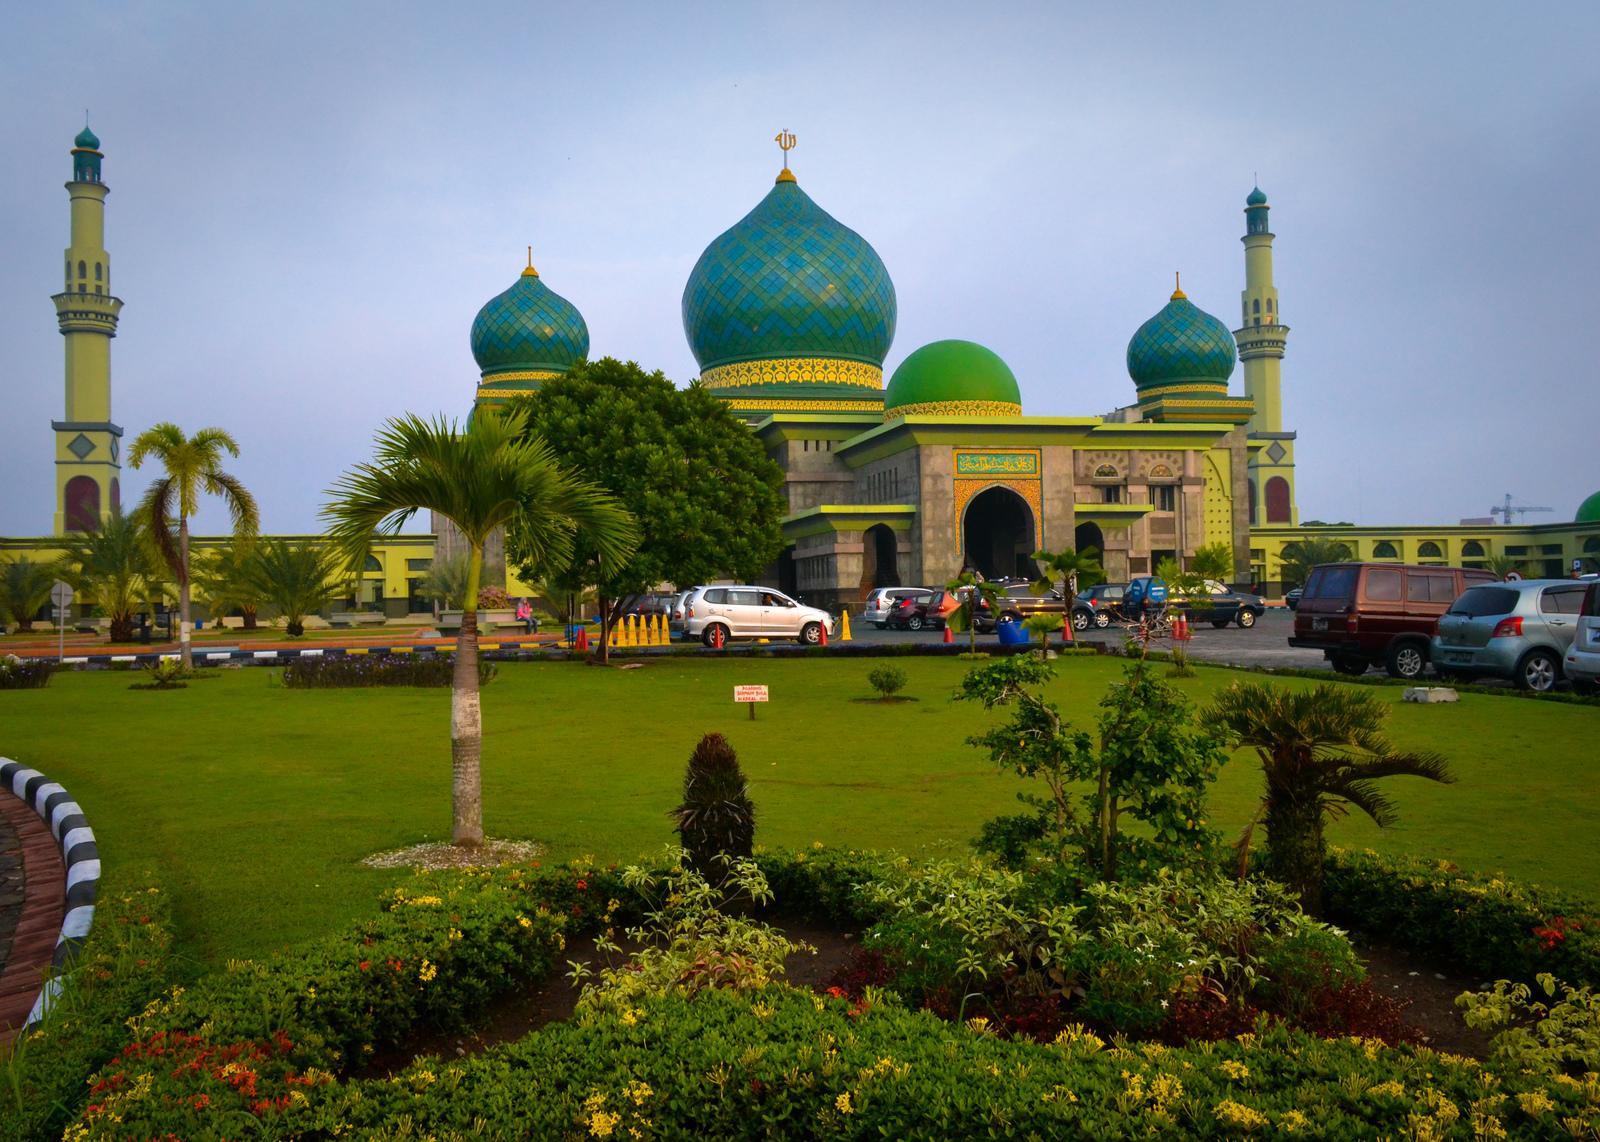 Masjid Agung Nur Dunia Jakarta Islamic Centre Annur Riau Keindahan